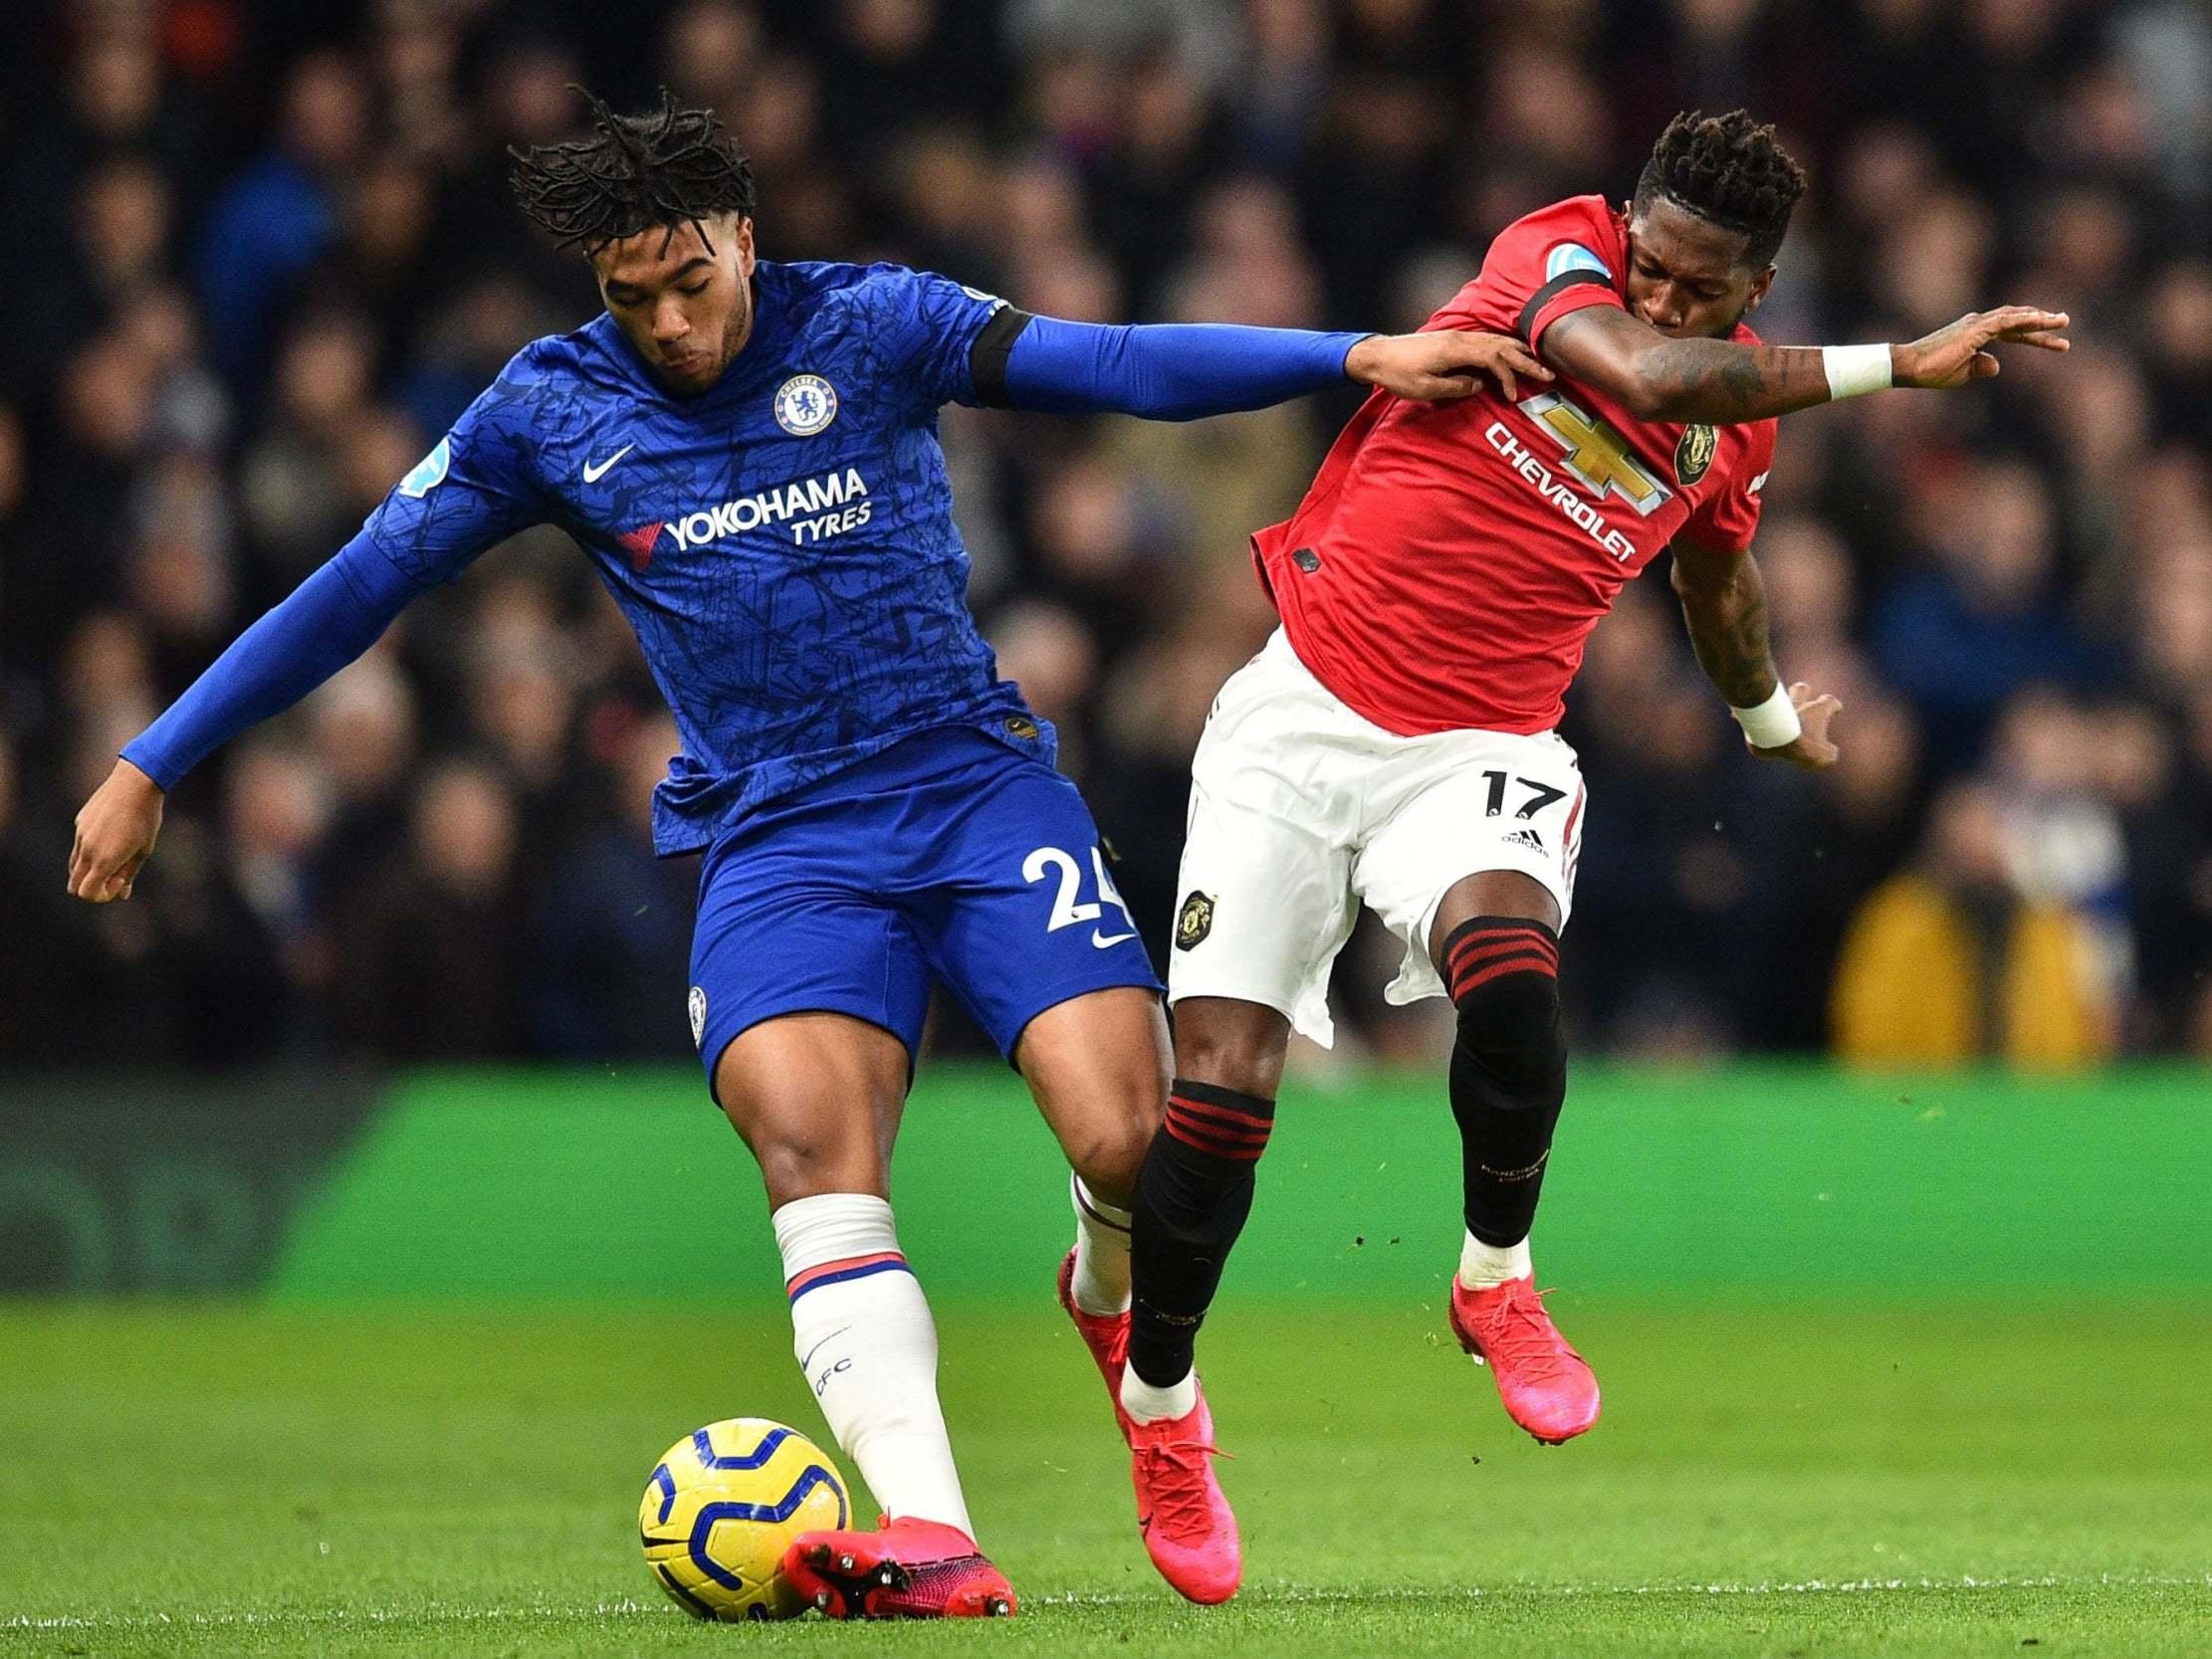 Chelsea vs Manchester United LIVE – latest updates